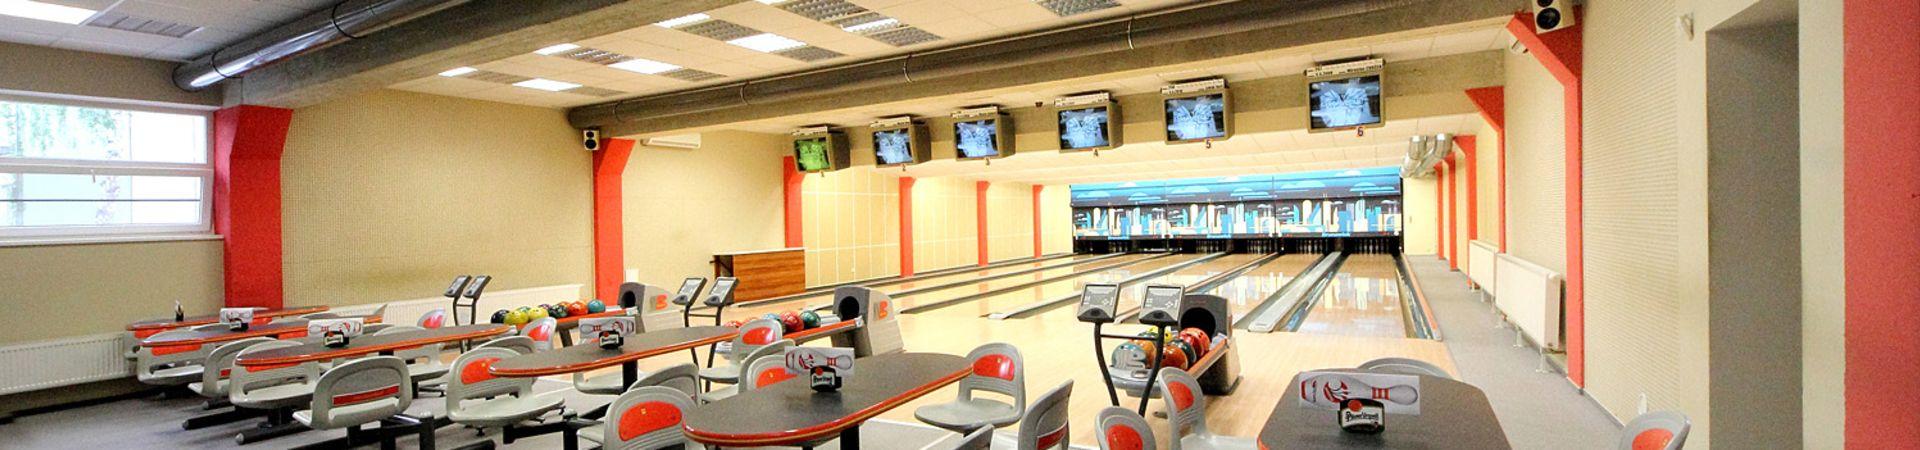 S CENTRUM Benešov - Bowling bar S centrum Benešov